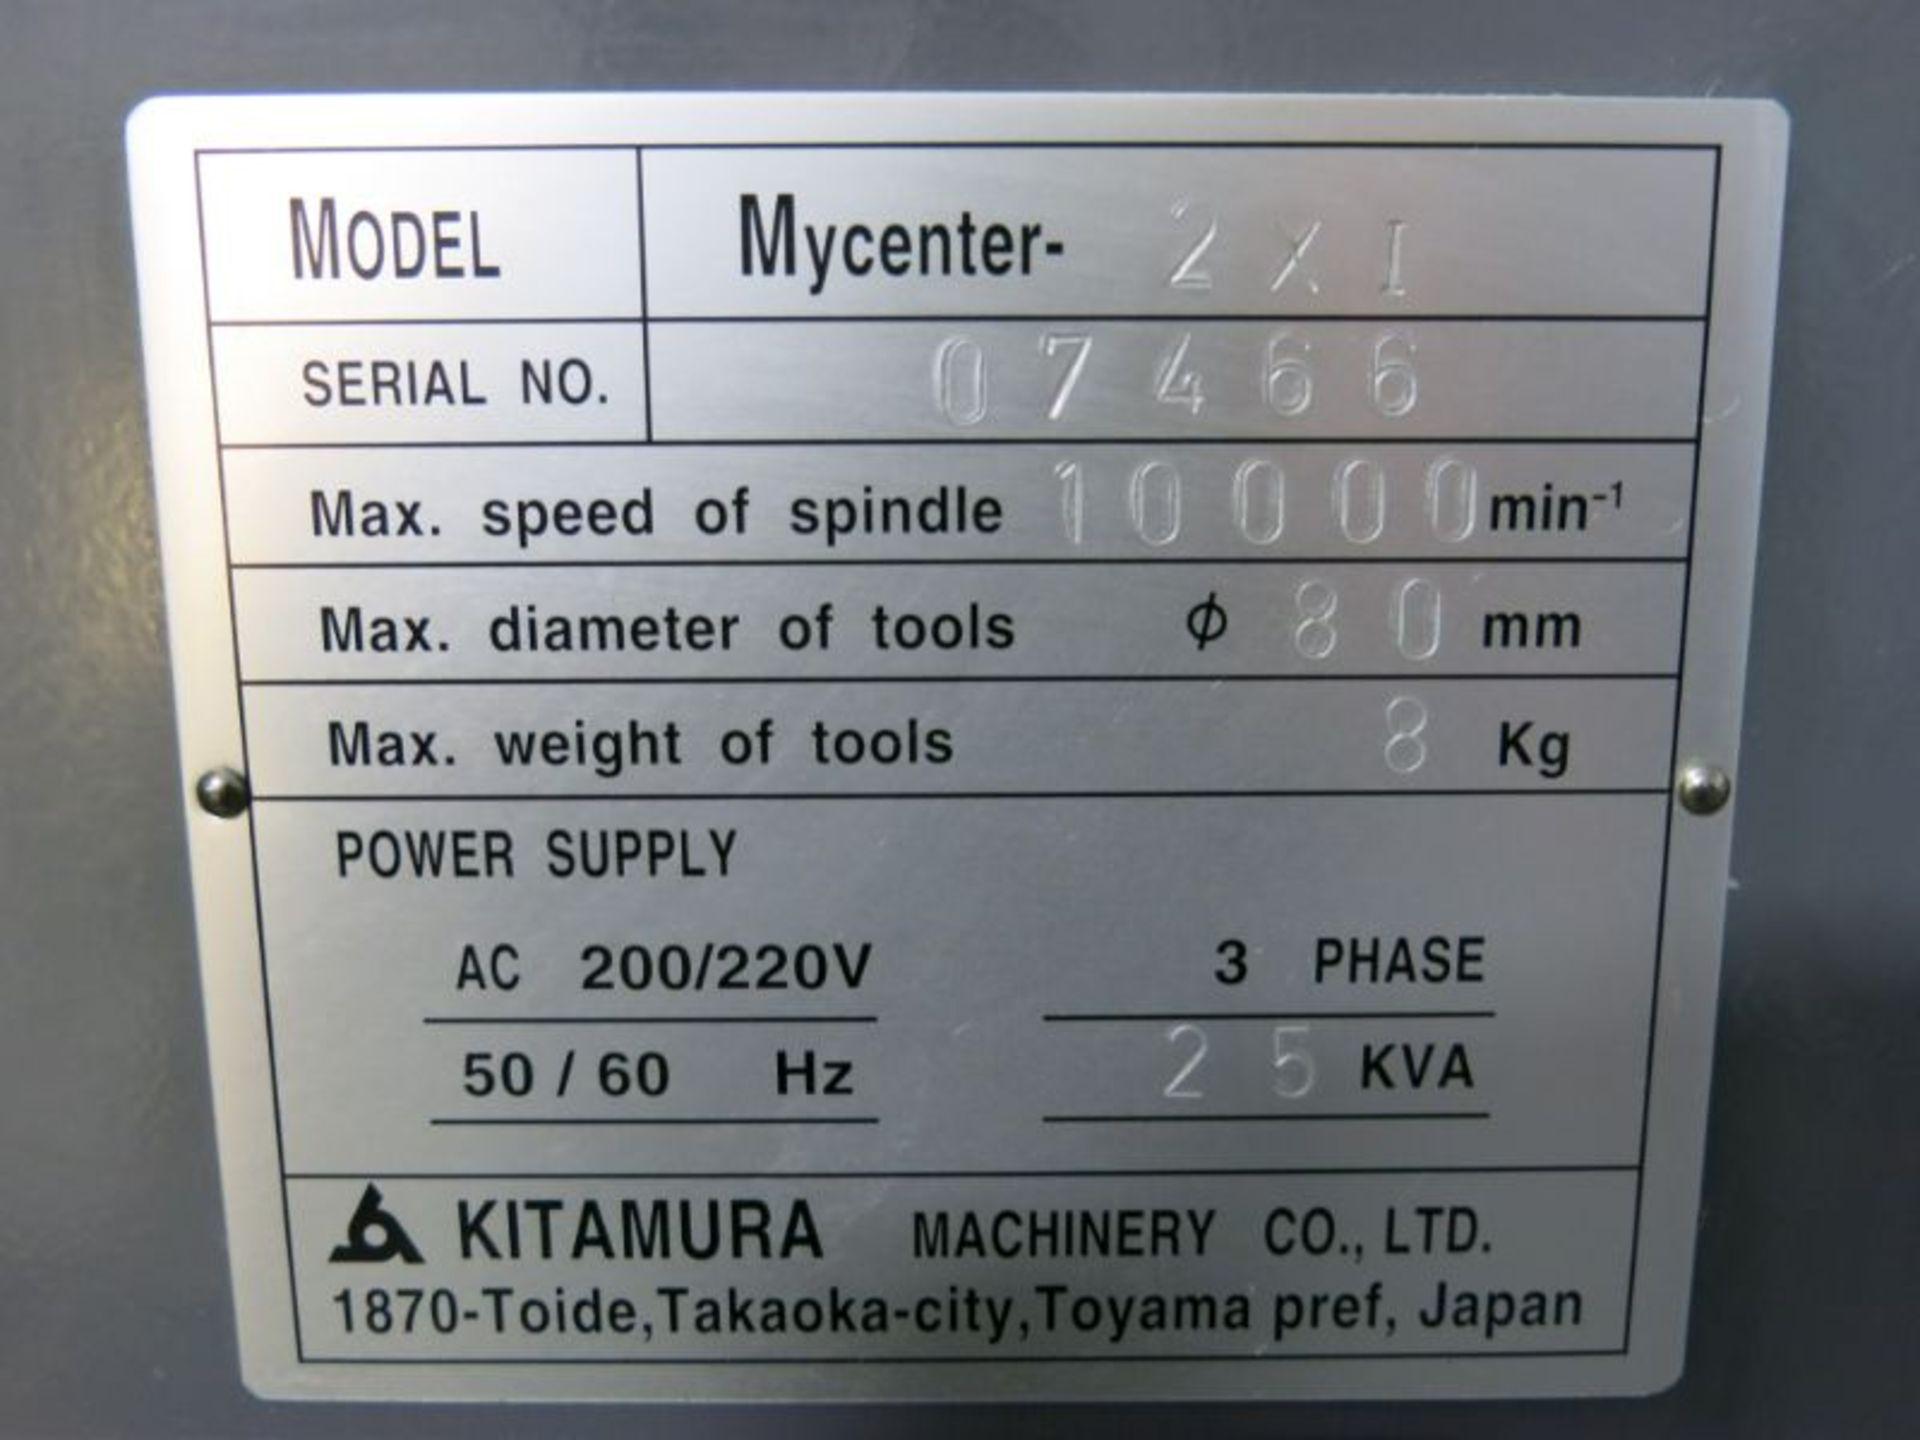 2001 Kitamura Mycenter 2XI CNC VMC - Image 5 of 5